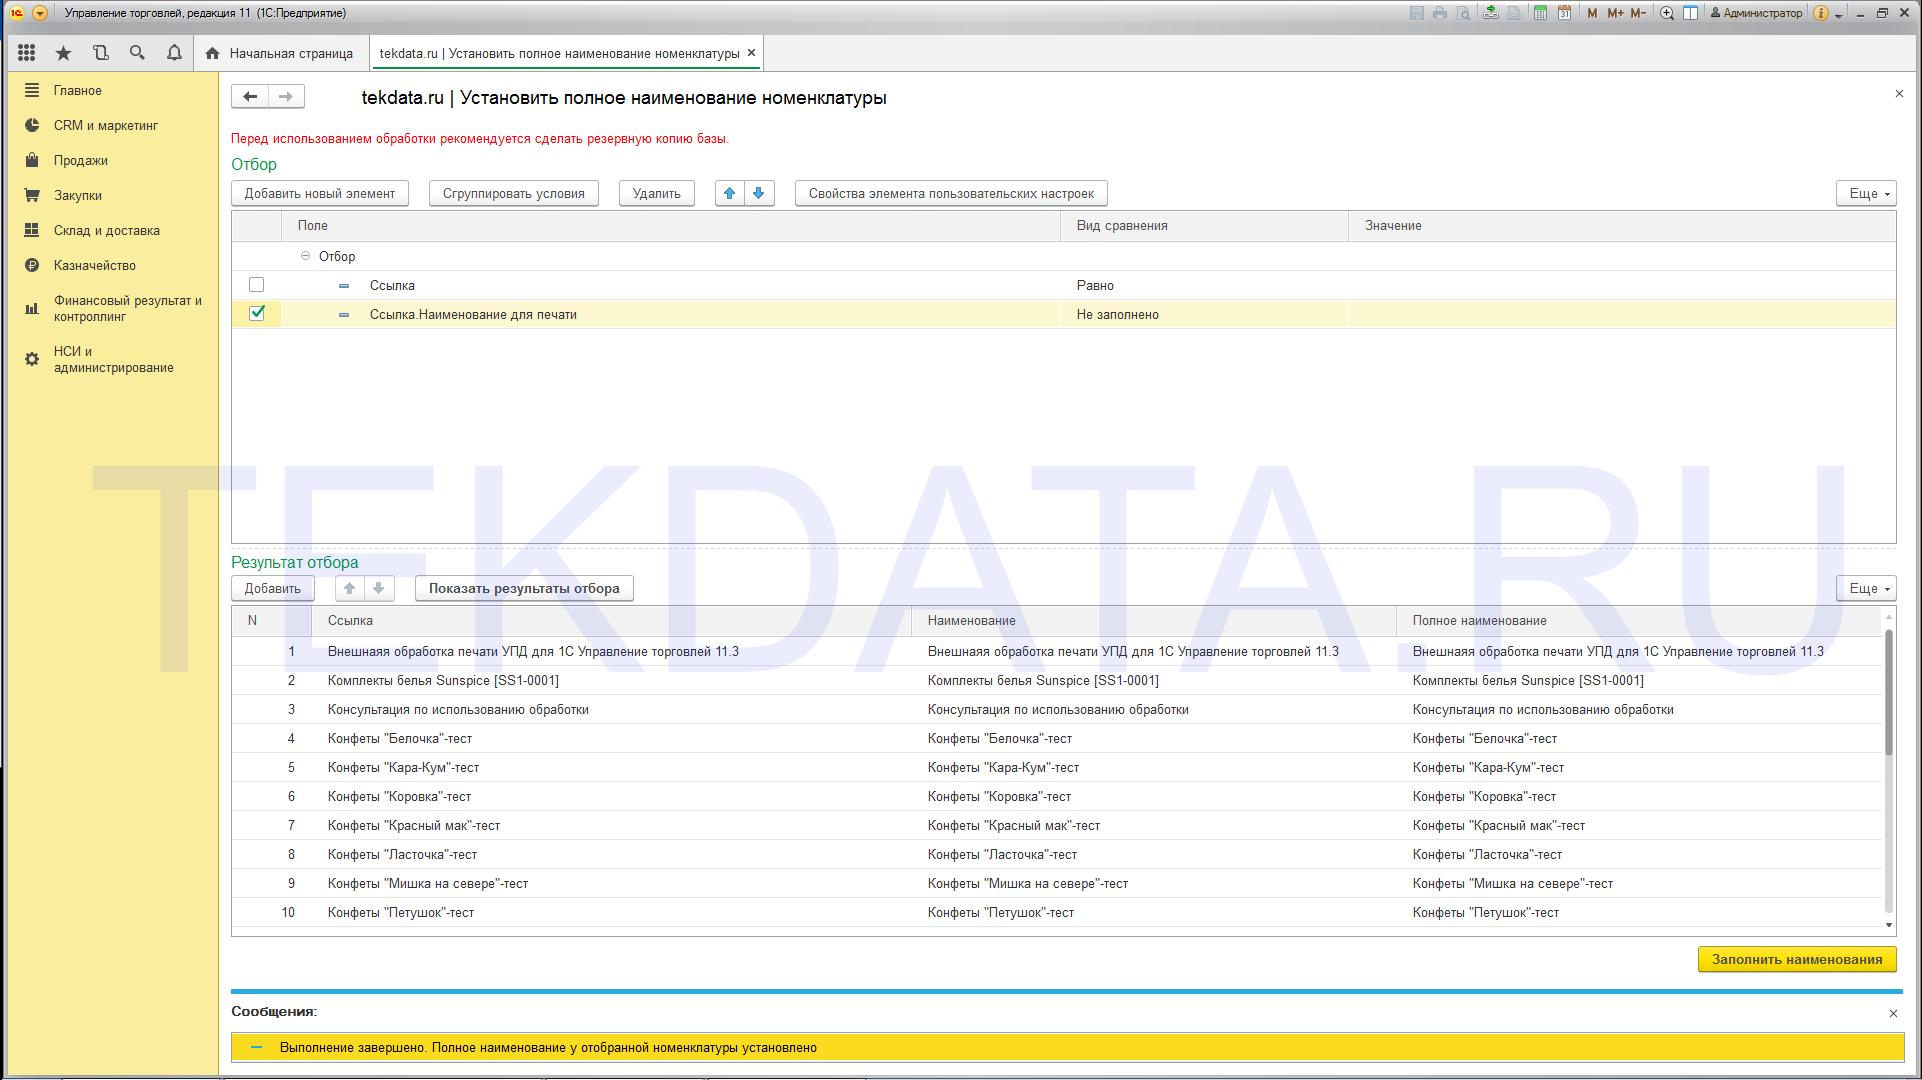 Групповое заполнение полного наименования номенклатуры по наименованию в 1С: 8.2/8.3 | tekdata.ru